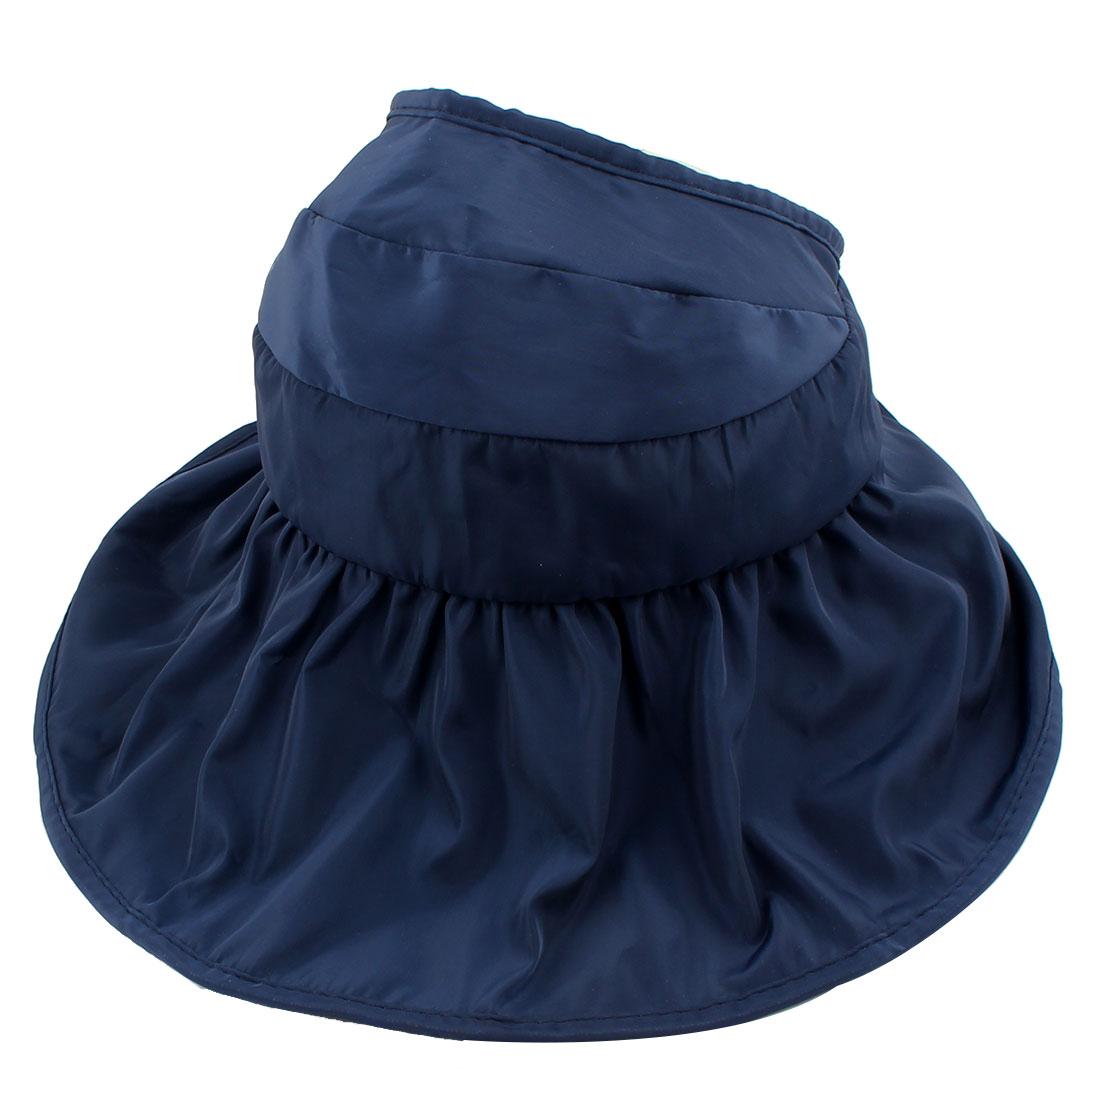 Adult Outdoor Adjustable Summer Wide Floppy Brim Cap Foldable Sun Visor Hat Blue